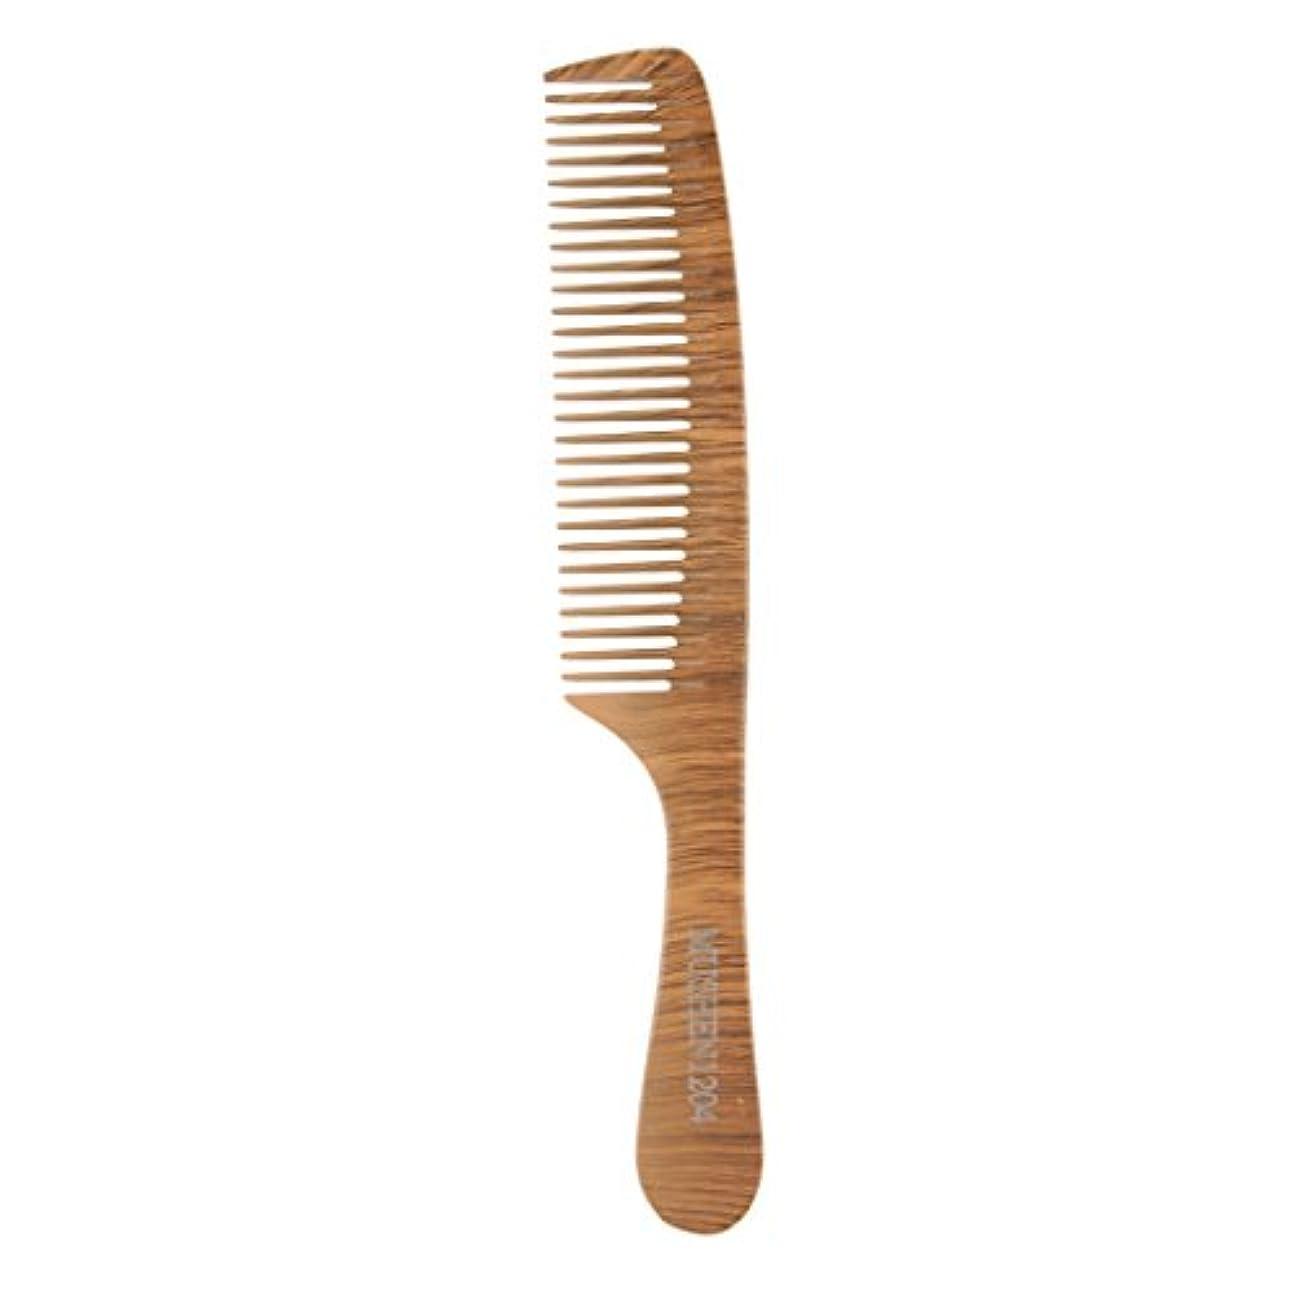 アジア人ジュース命令的木の理髪のスタイリングの櫛、大広間およびホテルのヘアケアツールのための頑丈な細かい歯の毛の櫛 - 1204